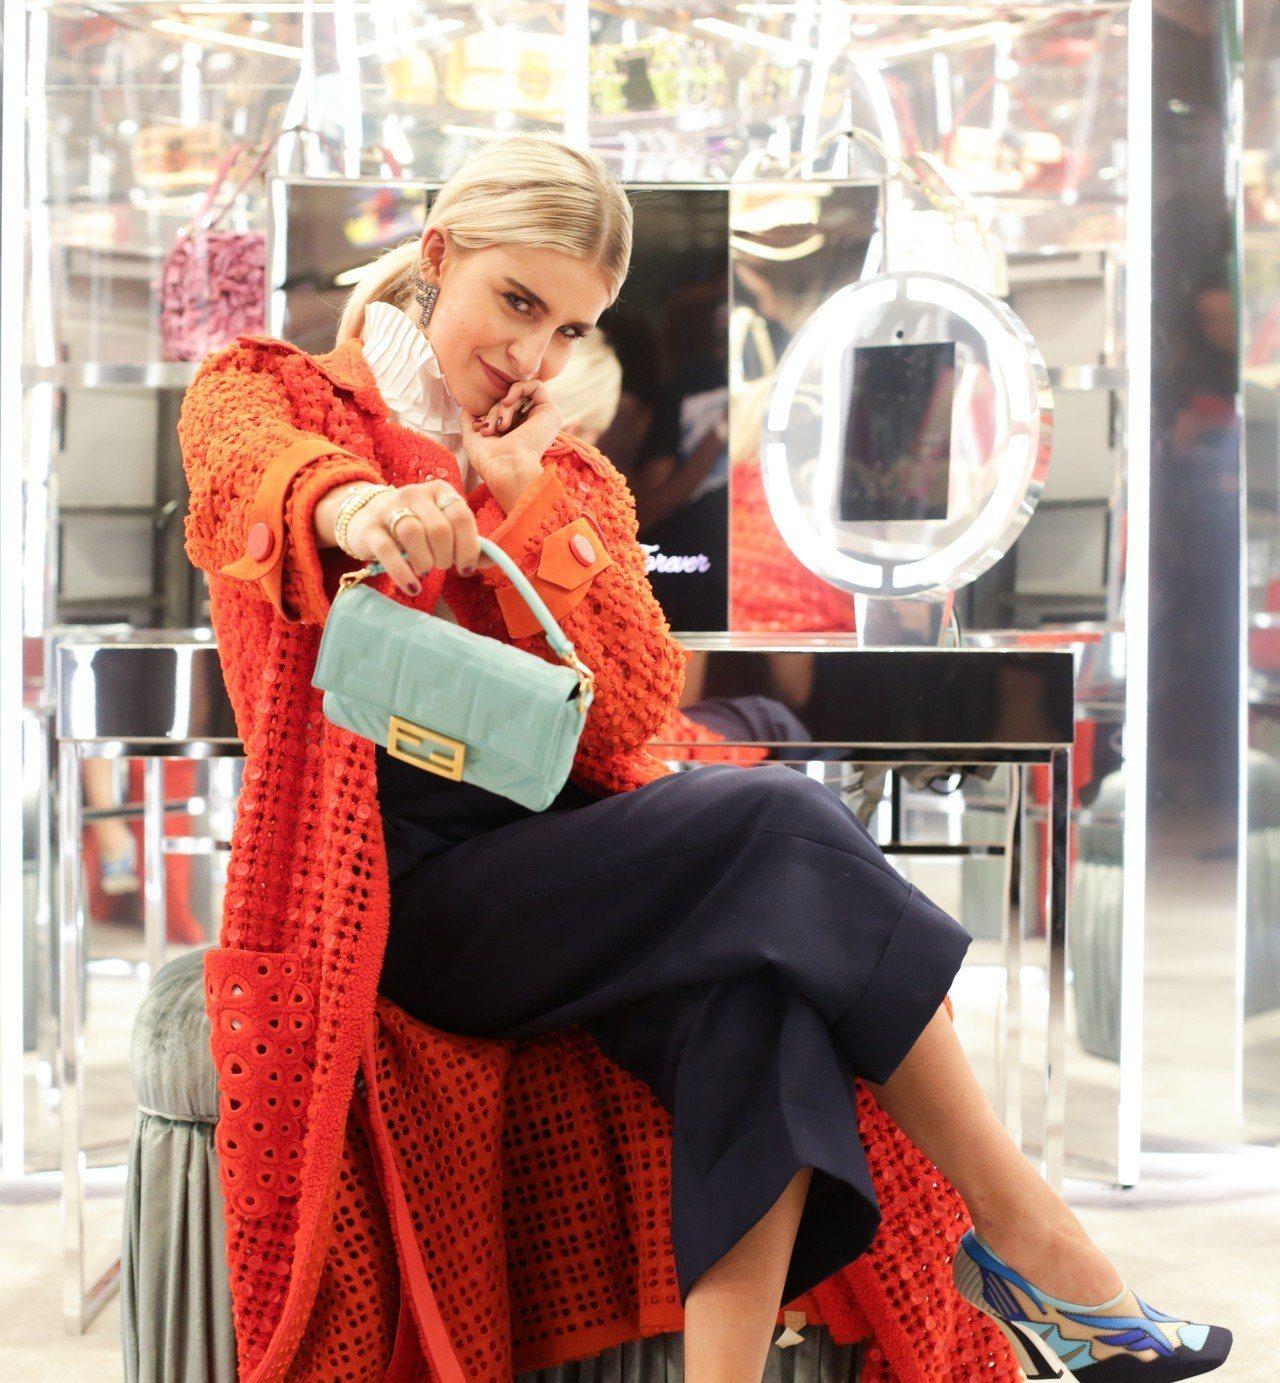 Caro Daur穿出FENDI帥氣與個性之美。圖/FENDI提供